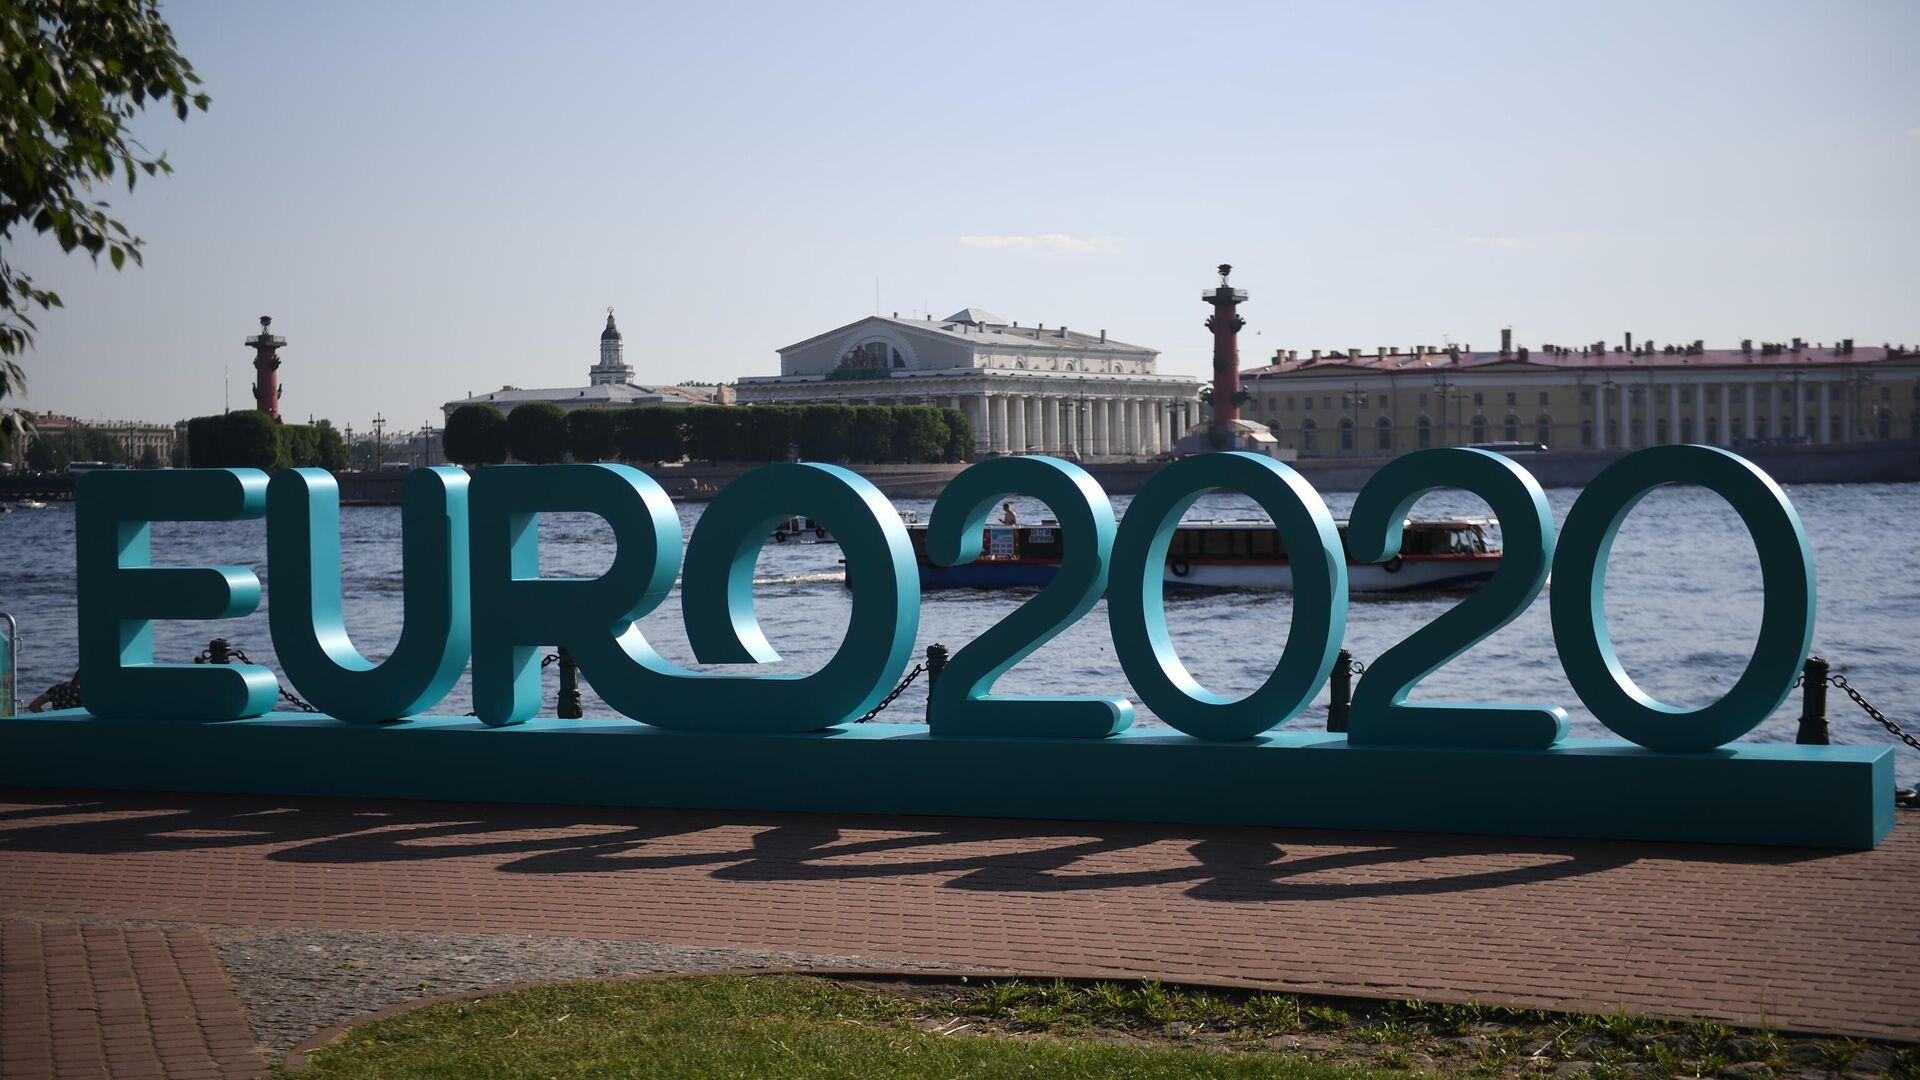 Открытие парка футбола Евро-2020 в Санкт-Петербурге  - РИА Новости, 1920, 16.10.2020